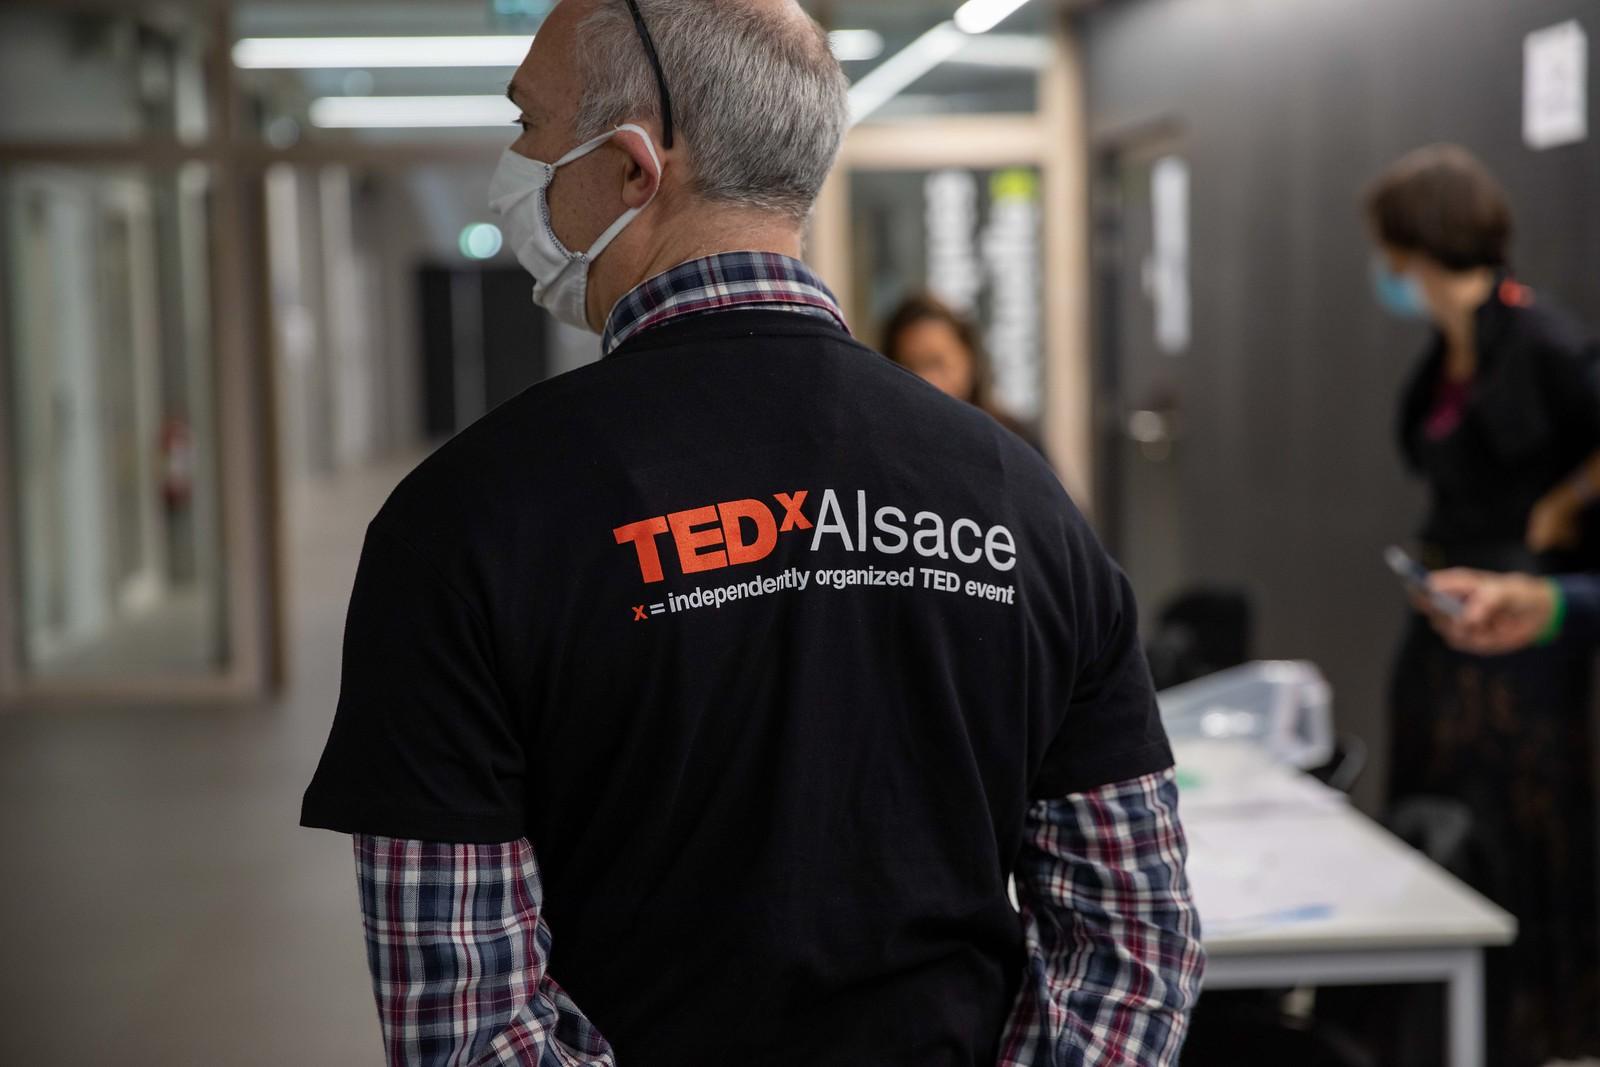 Les coulisses du TEDxAlsace 2020